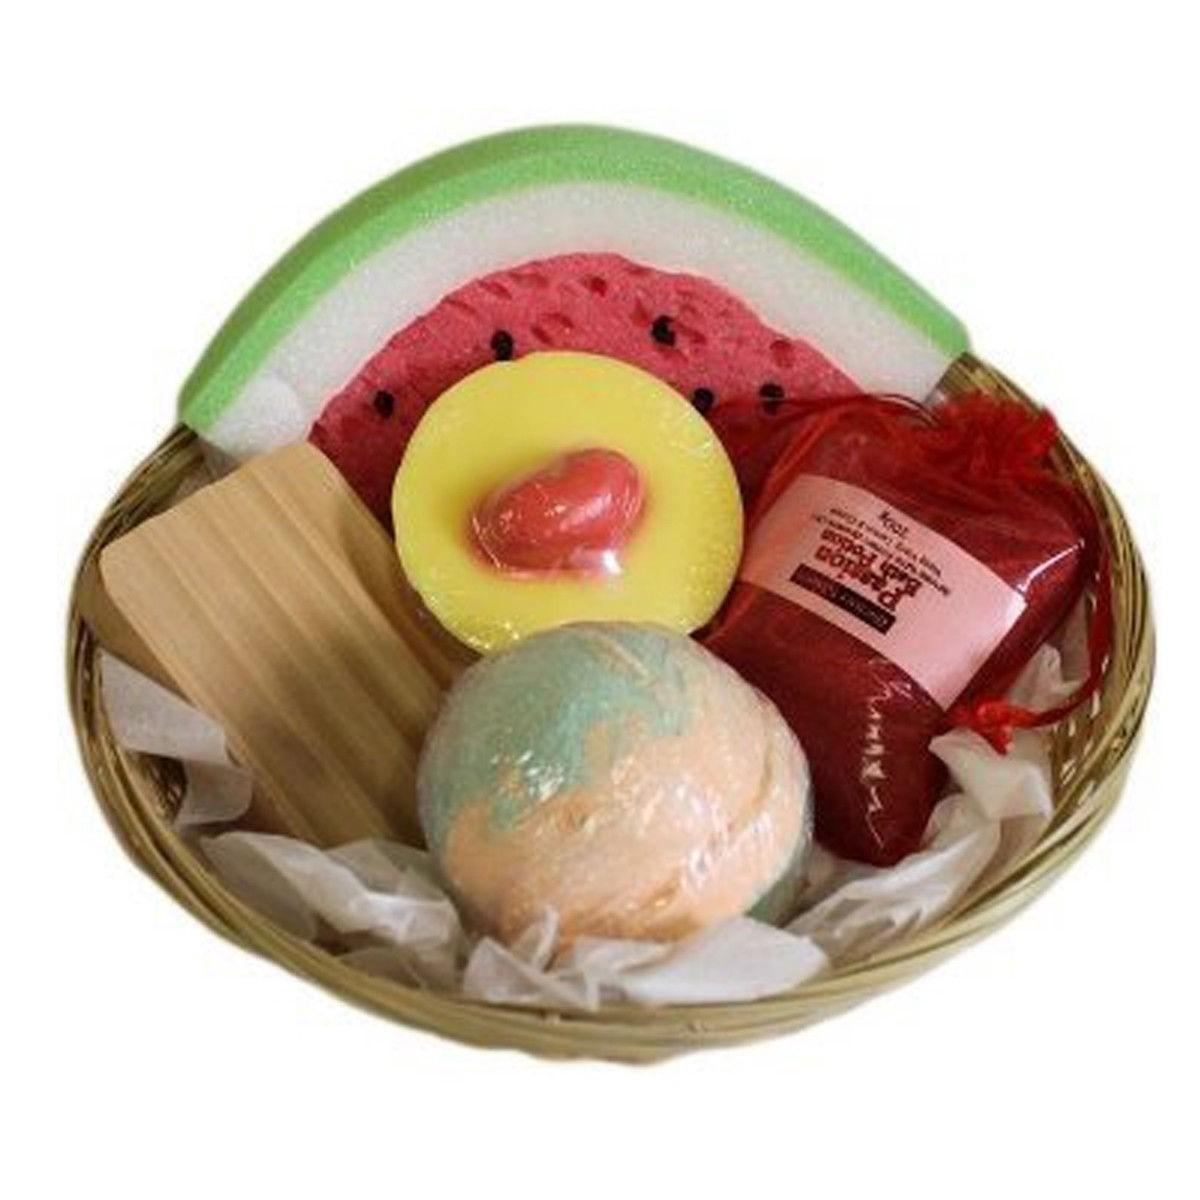 Fruity Bath Wicker Basket Gift Set